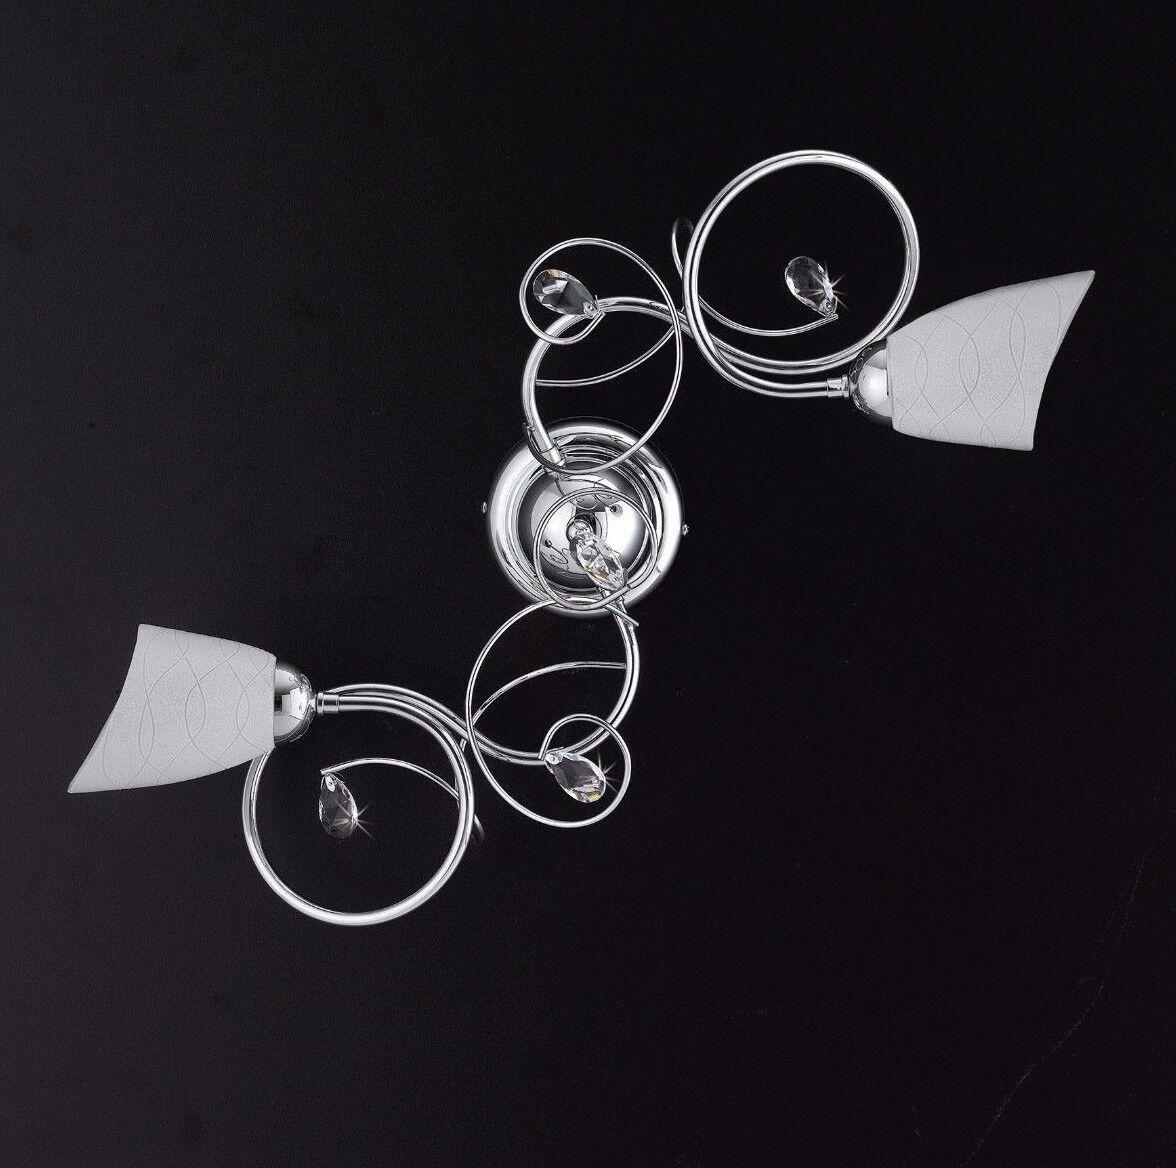 Lampada soffitto plafoniera moderno cromo strass cristalli prodotto italiano | | | Belle  93f241